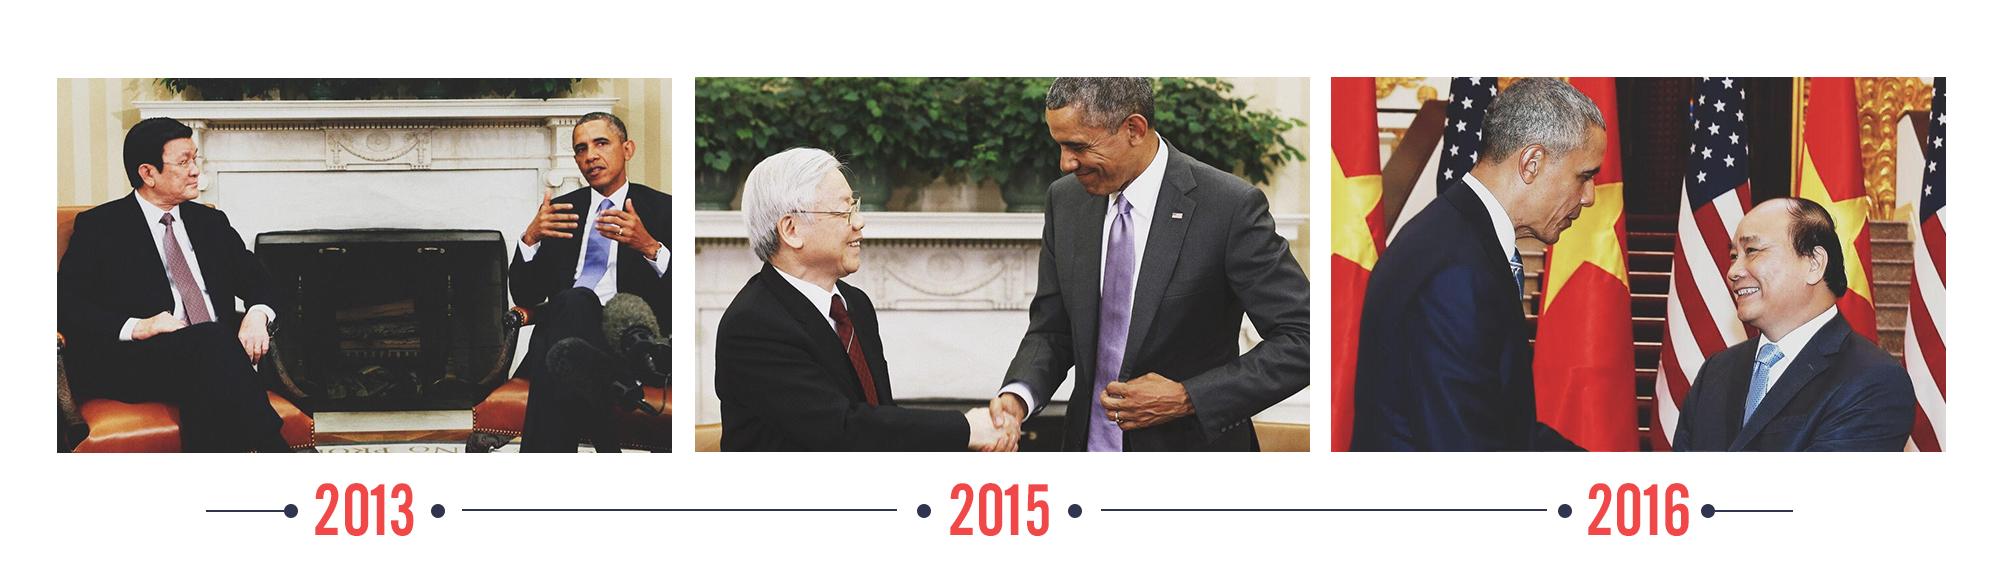 Thủ tướng Nguyễn Xuân Phúc gặp Tổng thống Donald Trump: Chuyên gia Mỹ - Việt lên tiếng về tương lai đầy hứa hẹn - Ảnh 17.